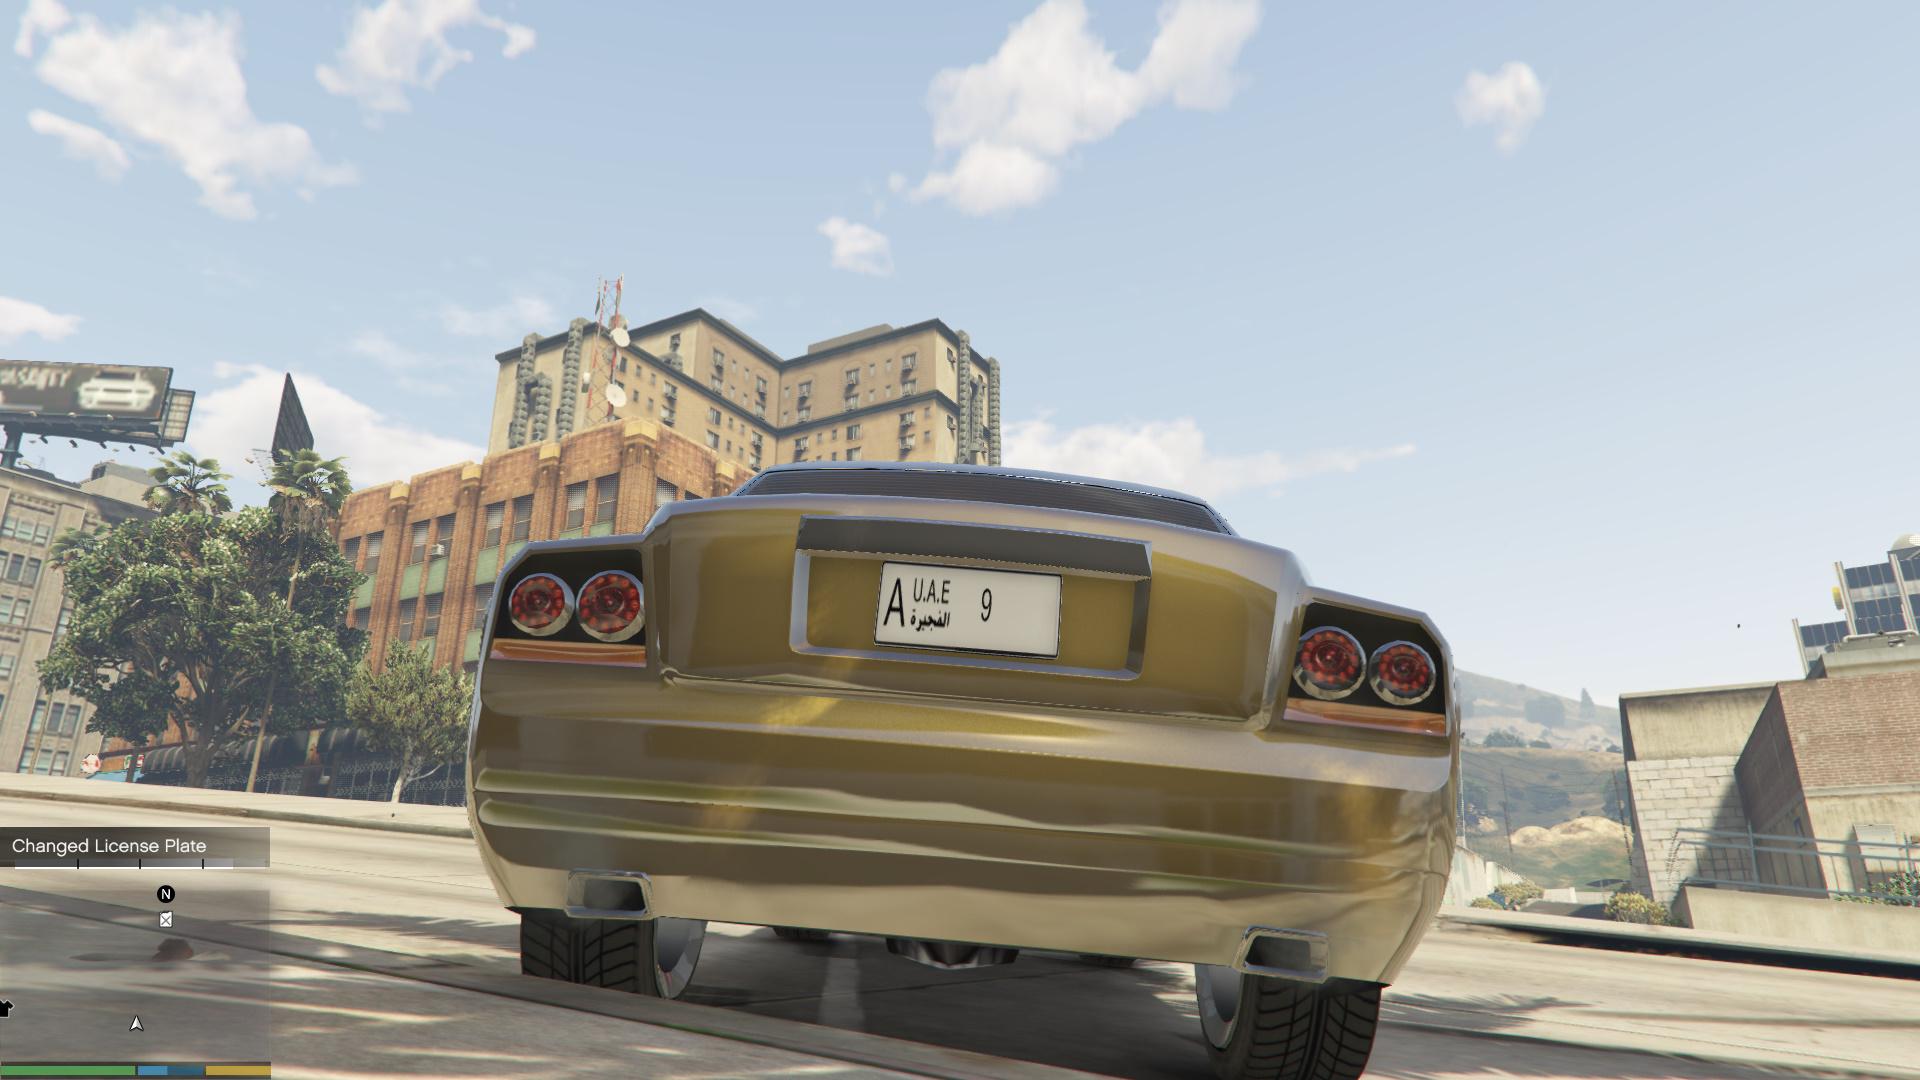 Uae License Plates Gta5 Mods Com